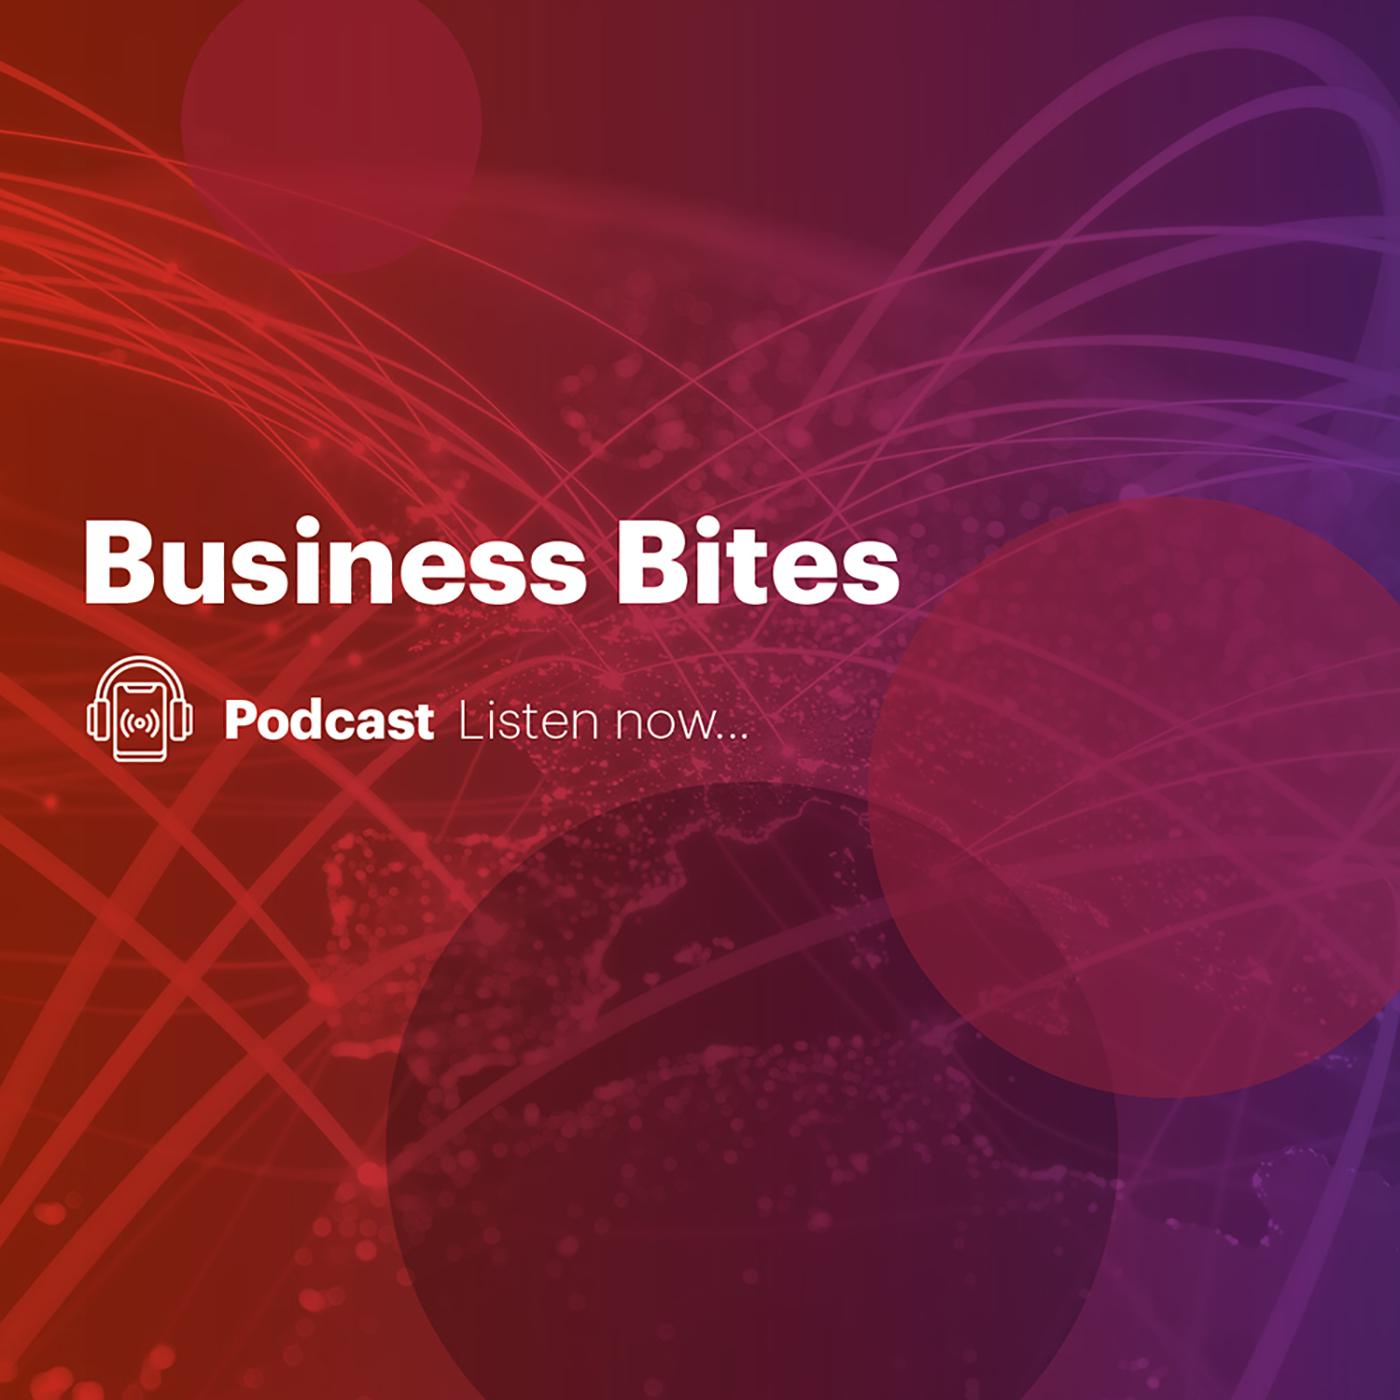 Artwork for podcast Dentons Business Bites